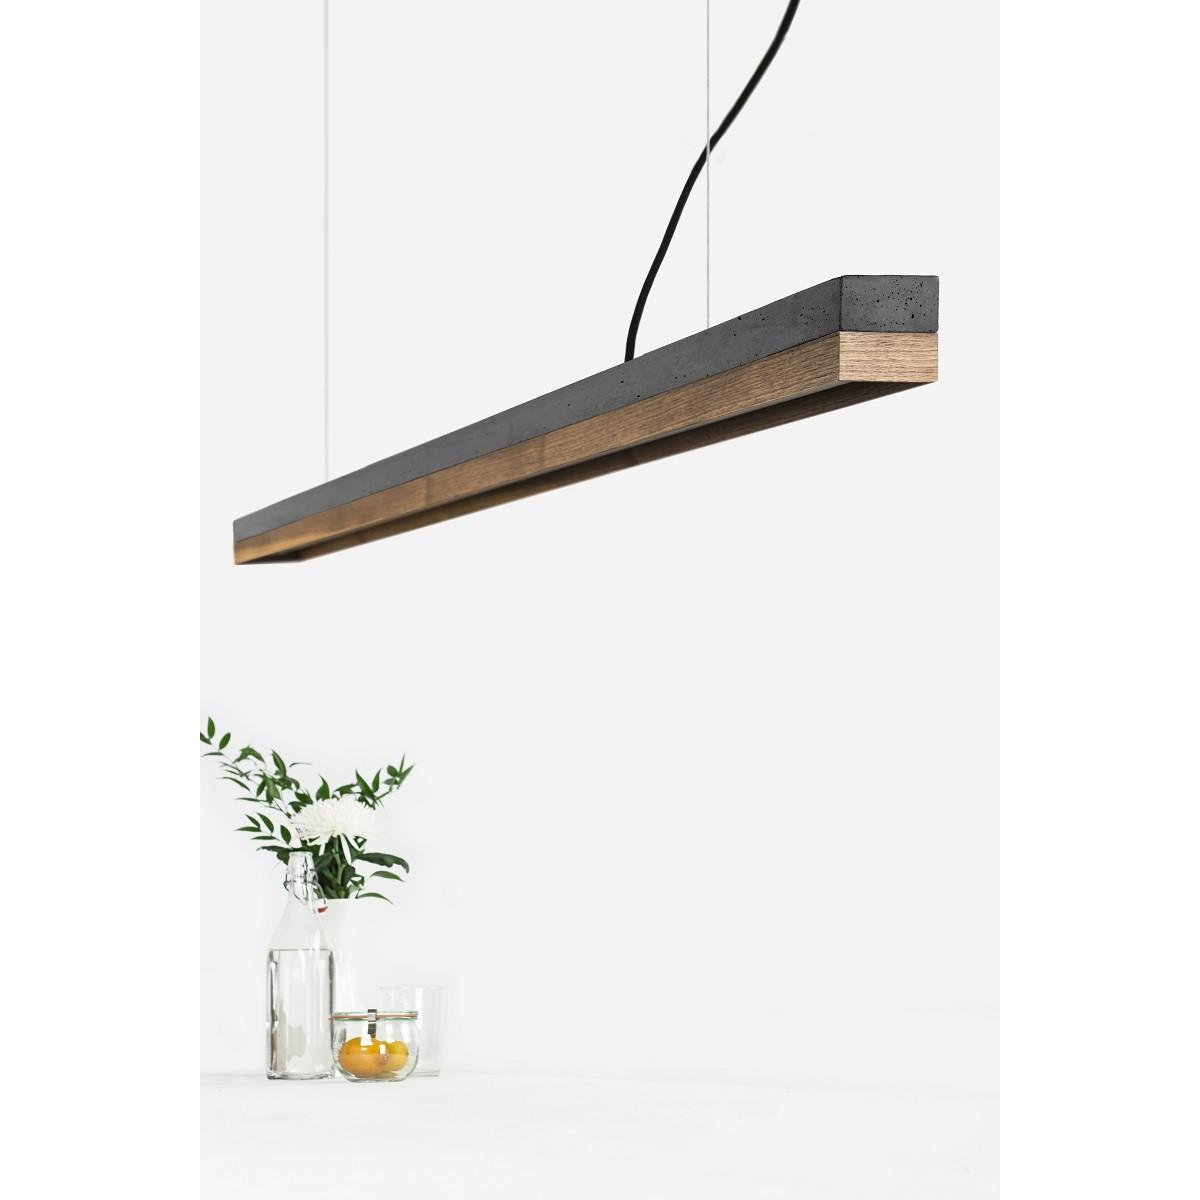 GANTlights - Beton Hängeleuchte [C3]dark/walnut Lampe Nussbaum minimalistisch